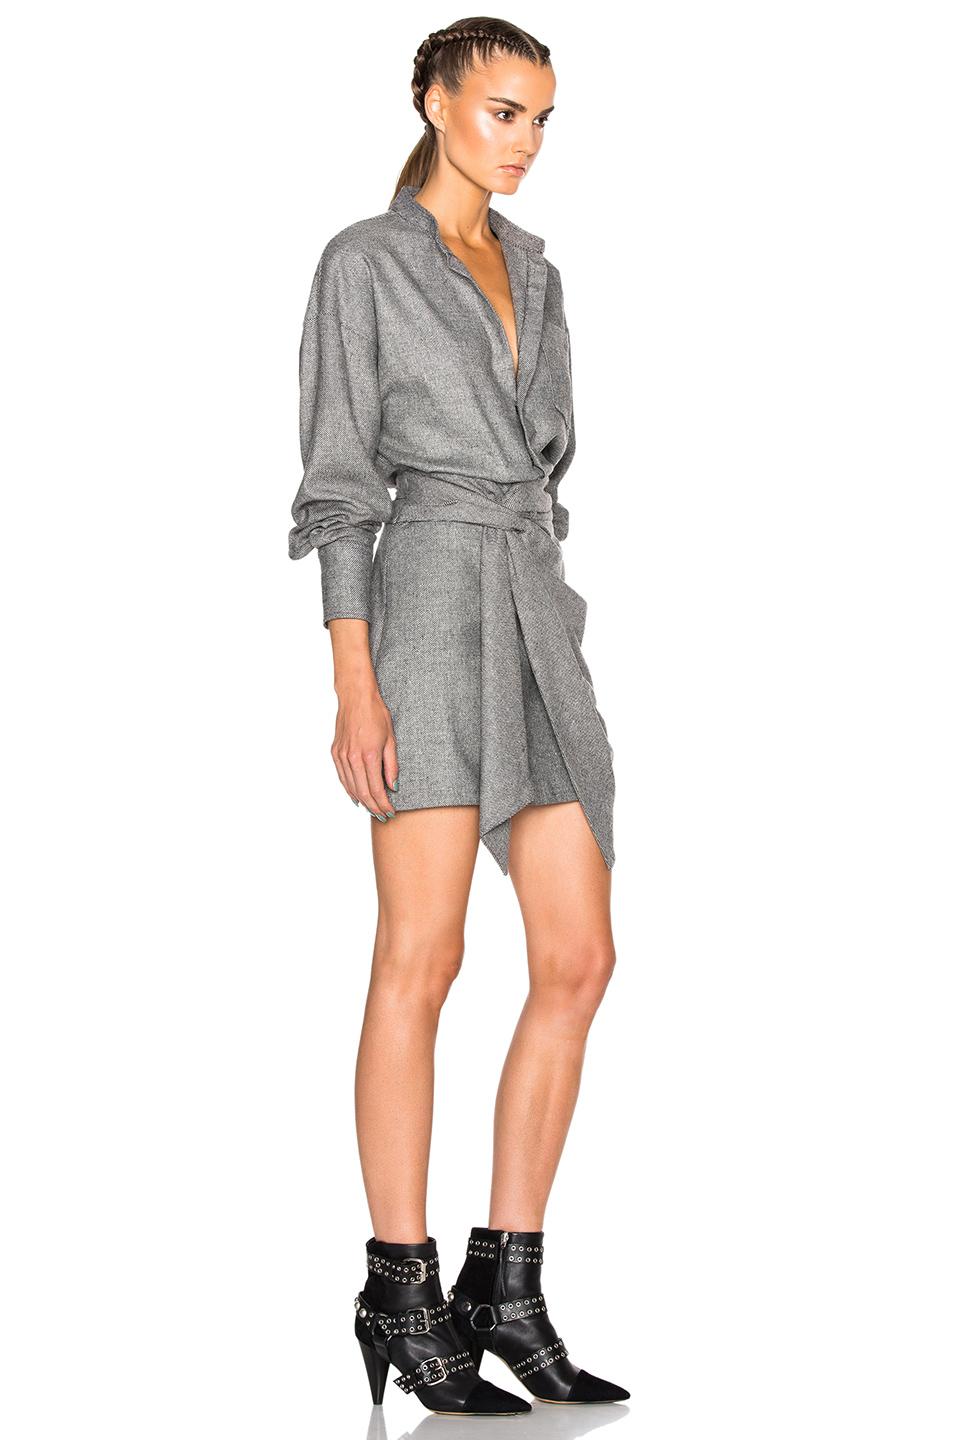 Isabel Marant Khol Draped Stuff Dress In Gray Lyst